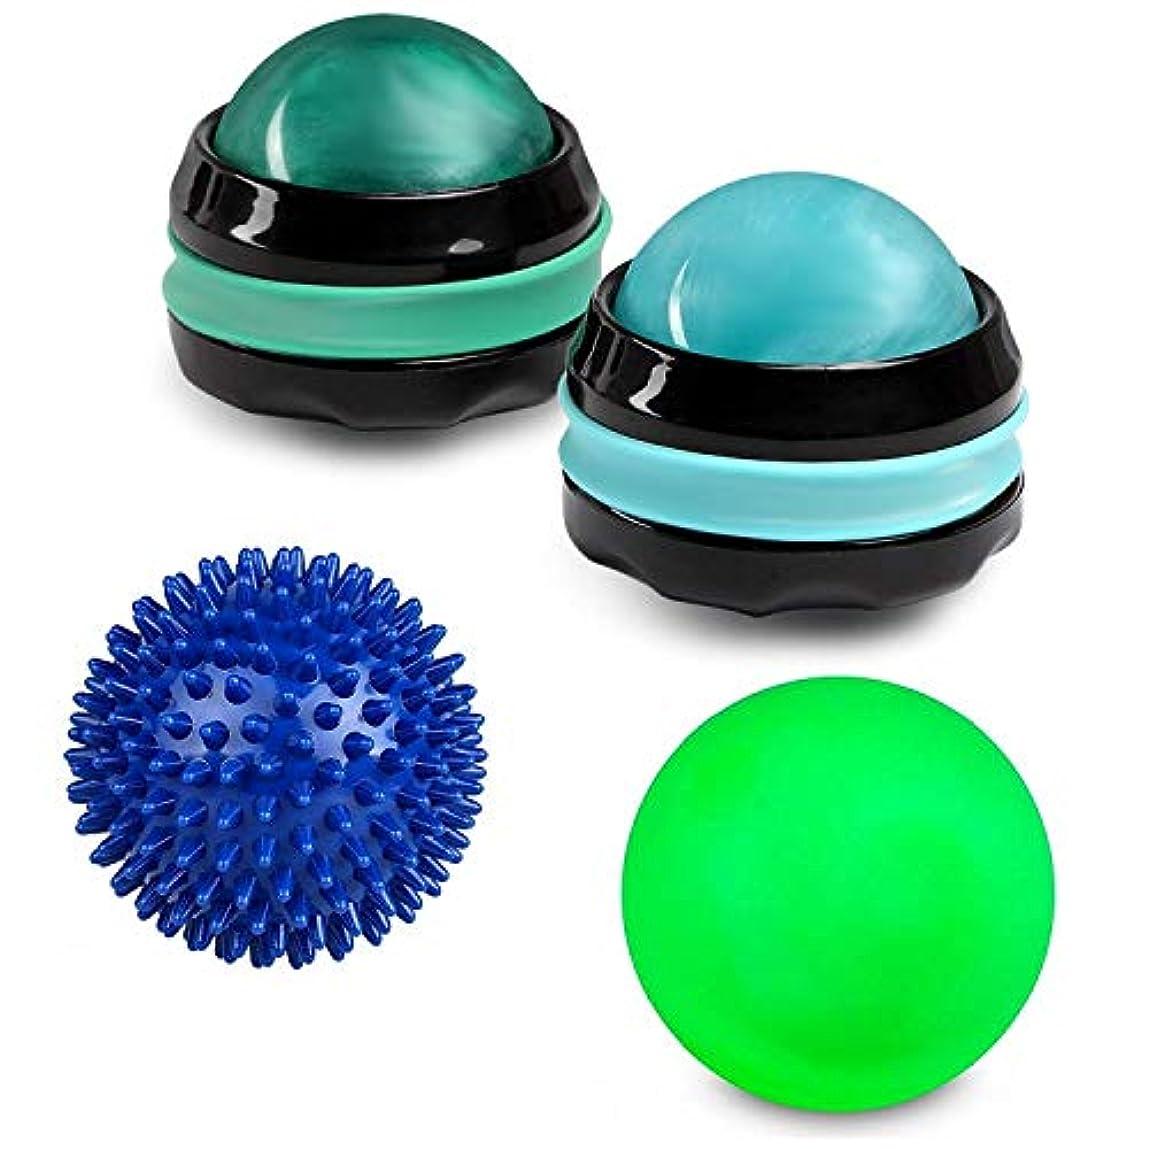 不適切なブッシュしわMassage Ball Set - Foot Body Back Leg Neck Hand Rejuvenation Therapy Roller Massager Therapy (Bundle: 1 Lacrosse...